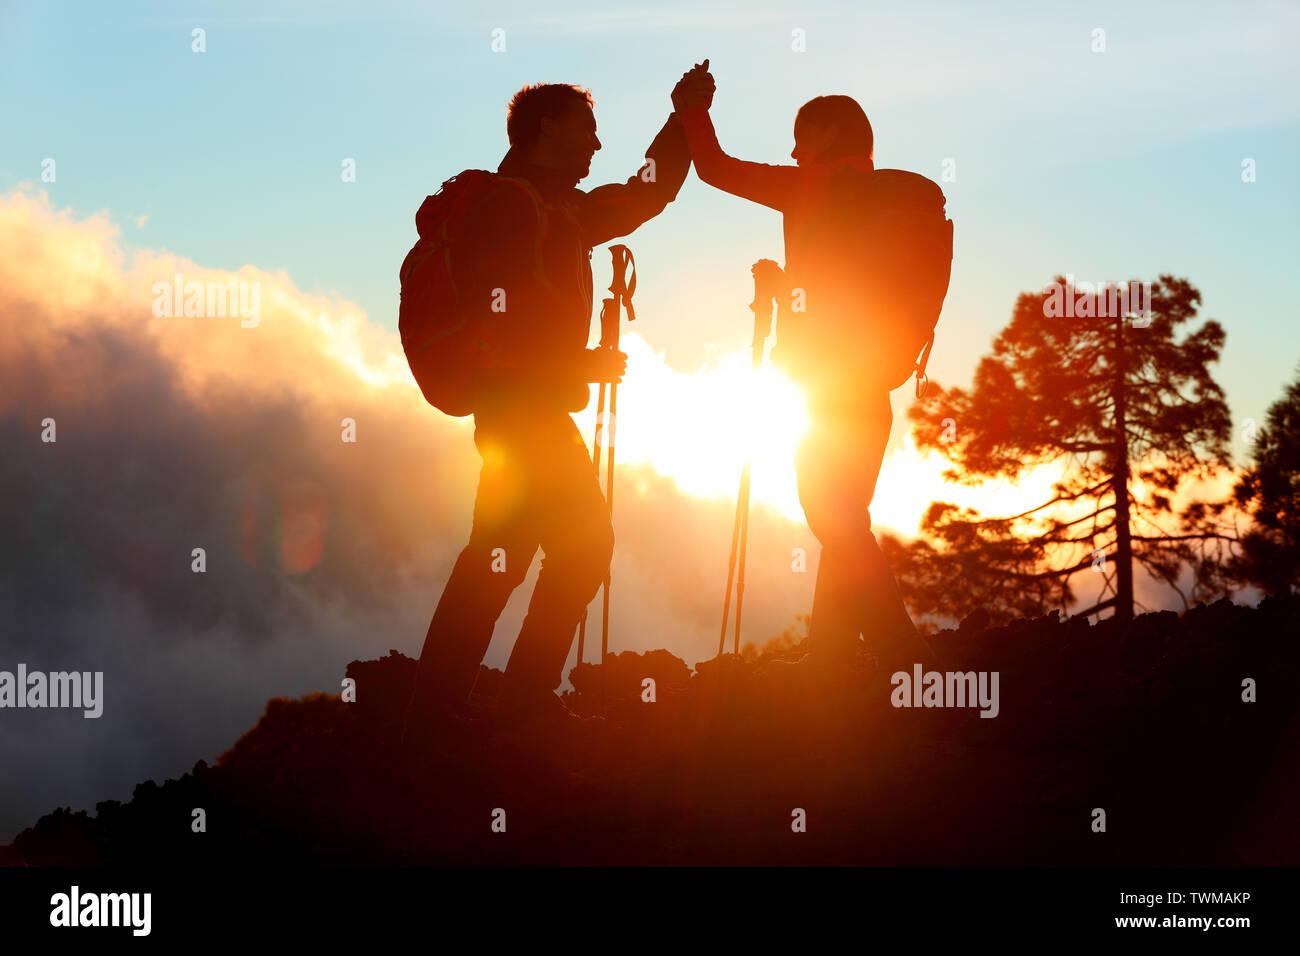 Senderismo de personas que llegan a la cumbre da alta superior a cinco en la cima de la montaña al atardecer. Excursionista feliz pareja silueta. Éxito, logros y realización de personas Foto de stock